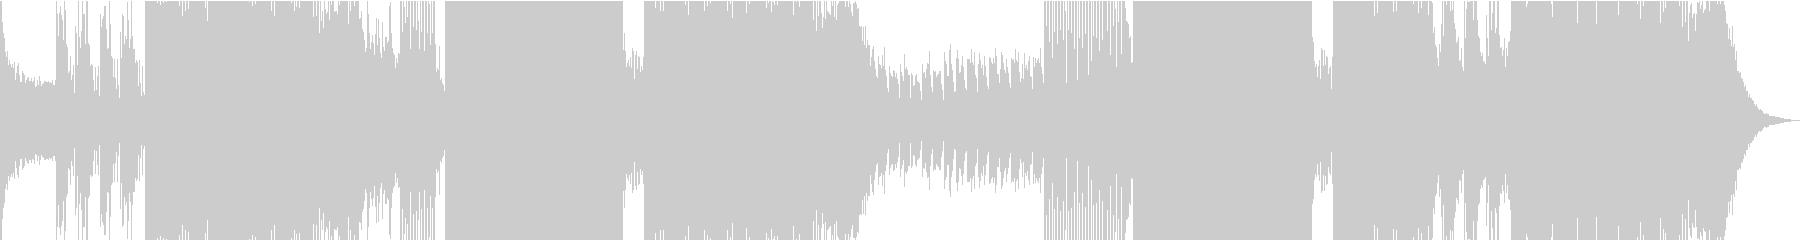 ピアノメロがキャッチーで使いやすいEDMの未再生の波形